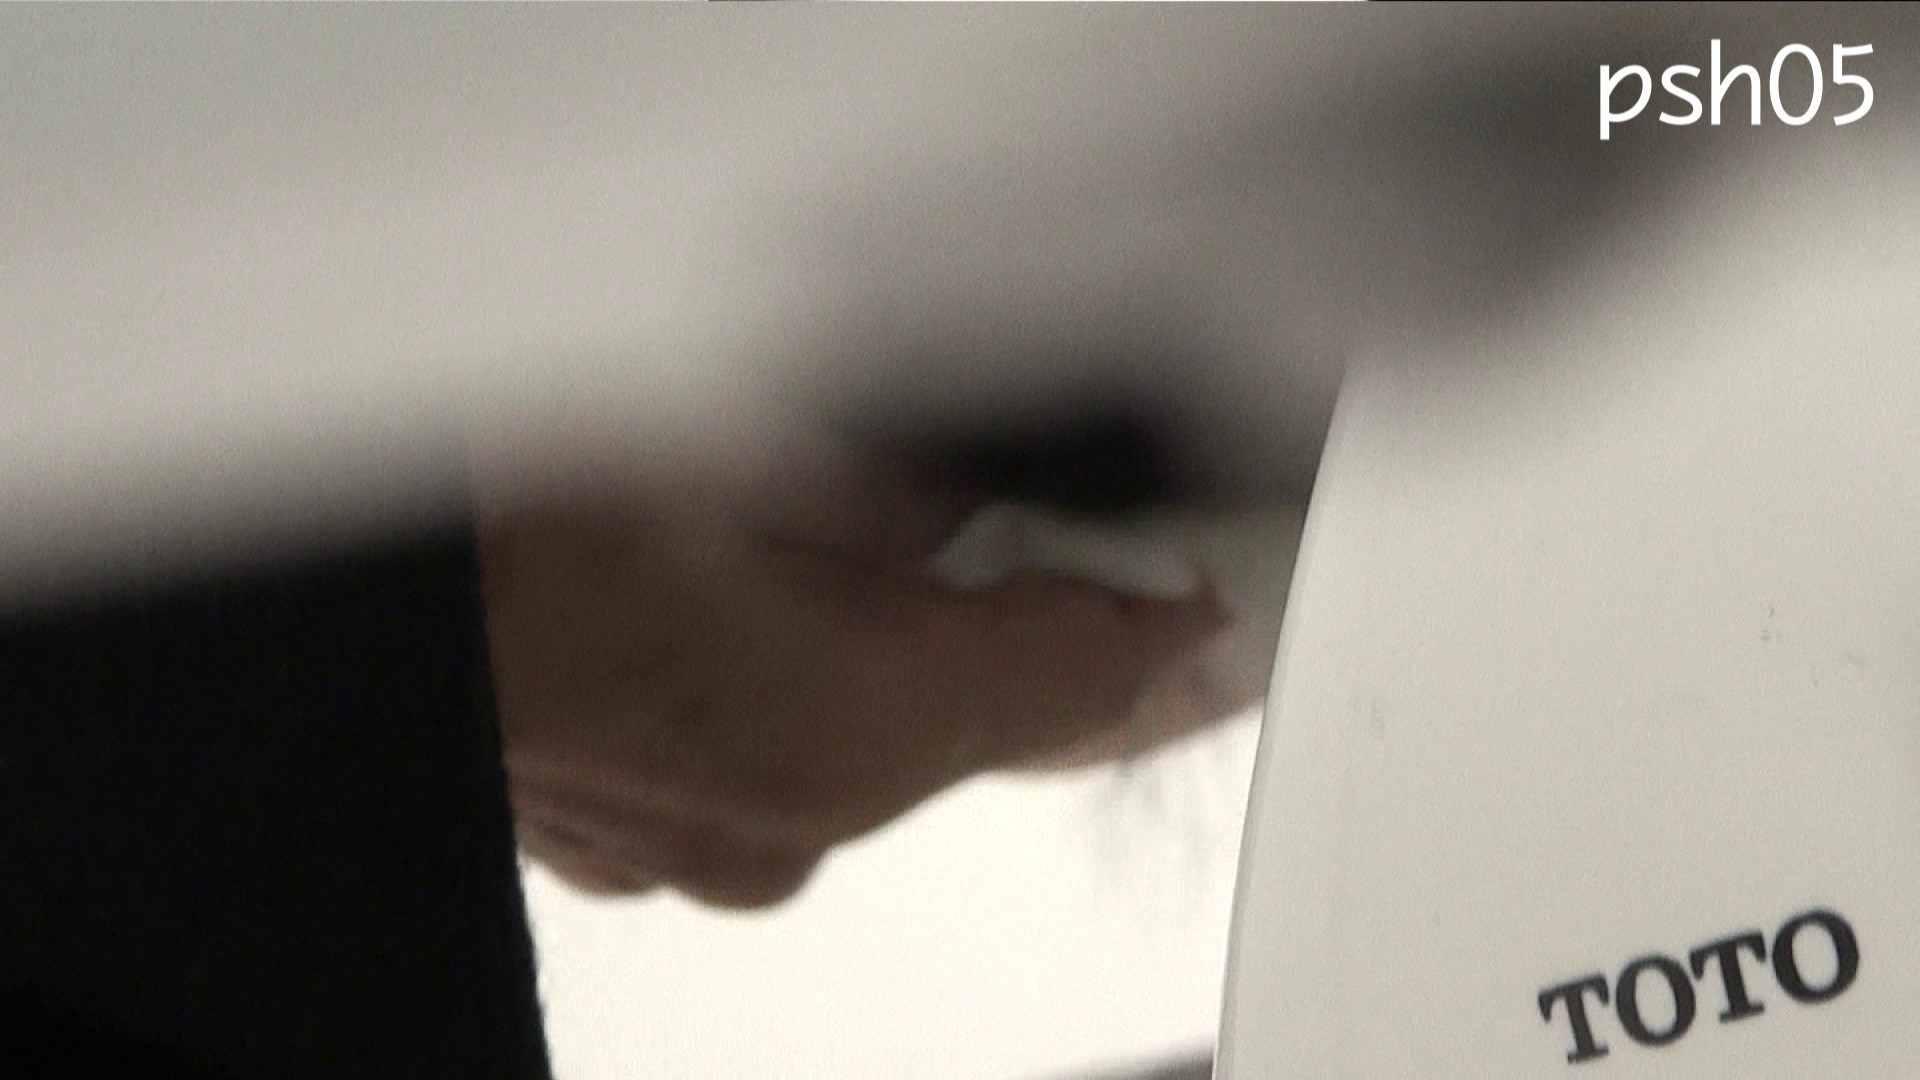 ▲復活限定▲ハイビジョン 盗神伝 Vol.5 ギャル達 オメコ動画キャプチャ 111枚 16